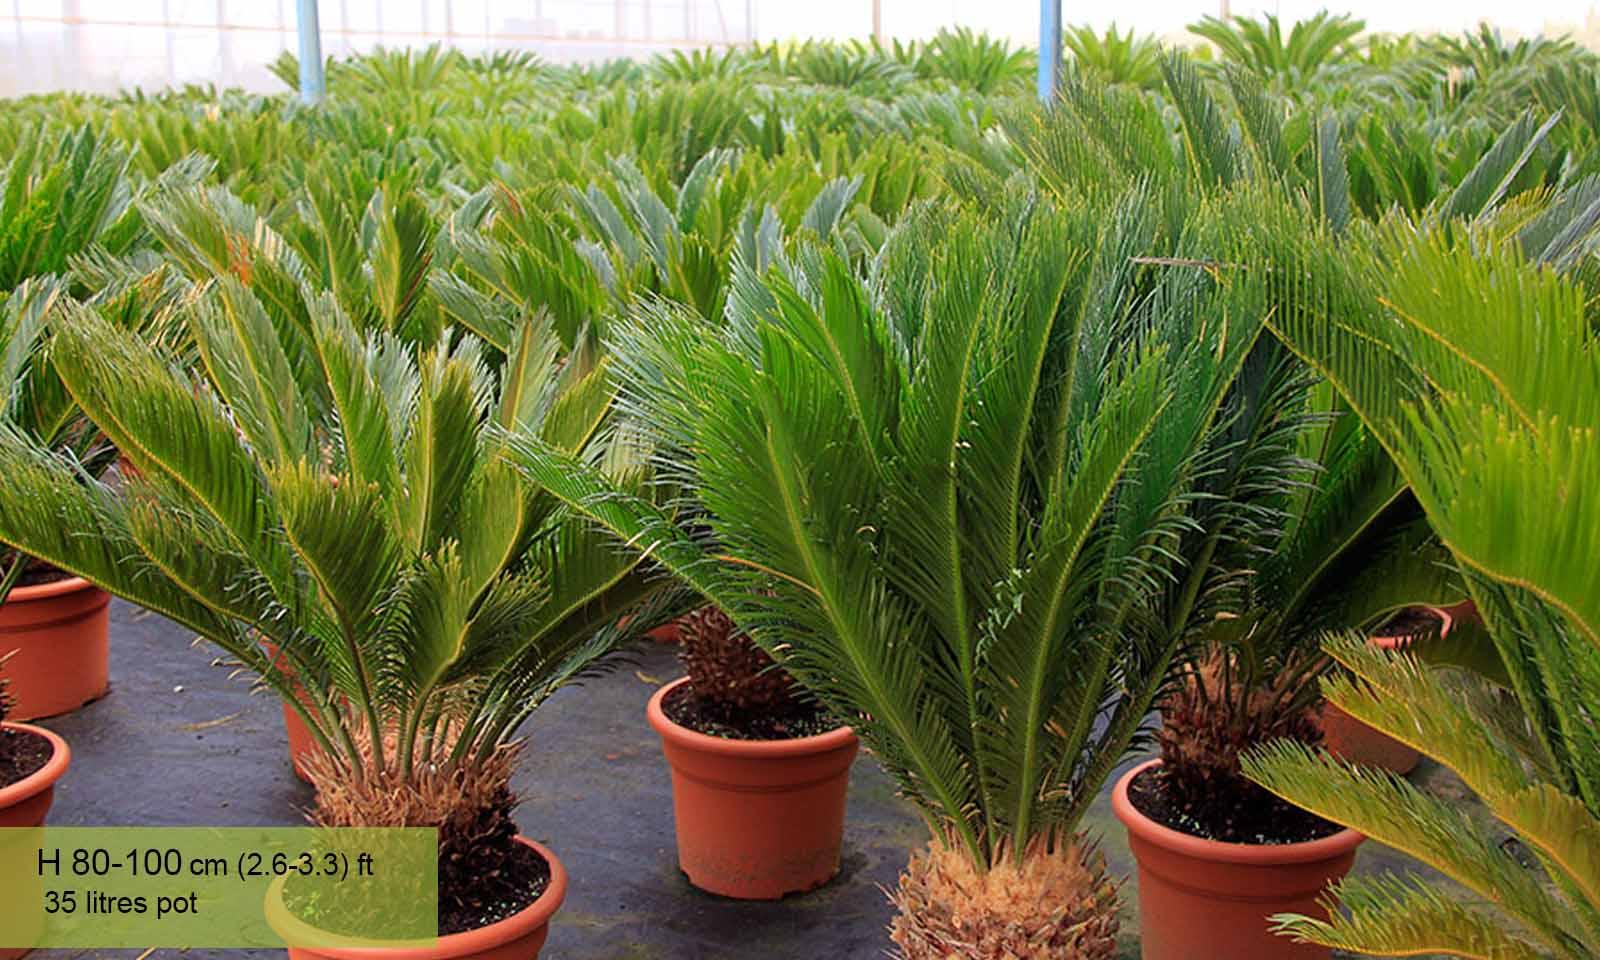 Cycas Revoluta (Sago Palm Cycad)